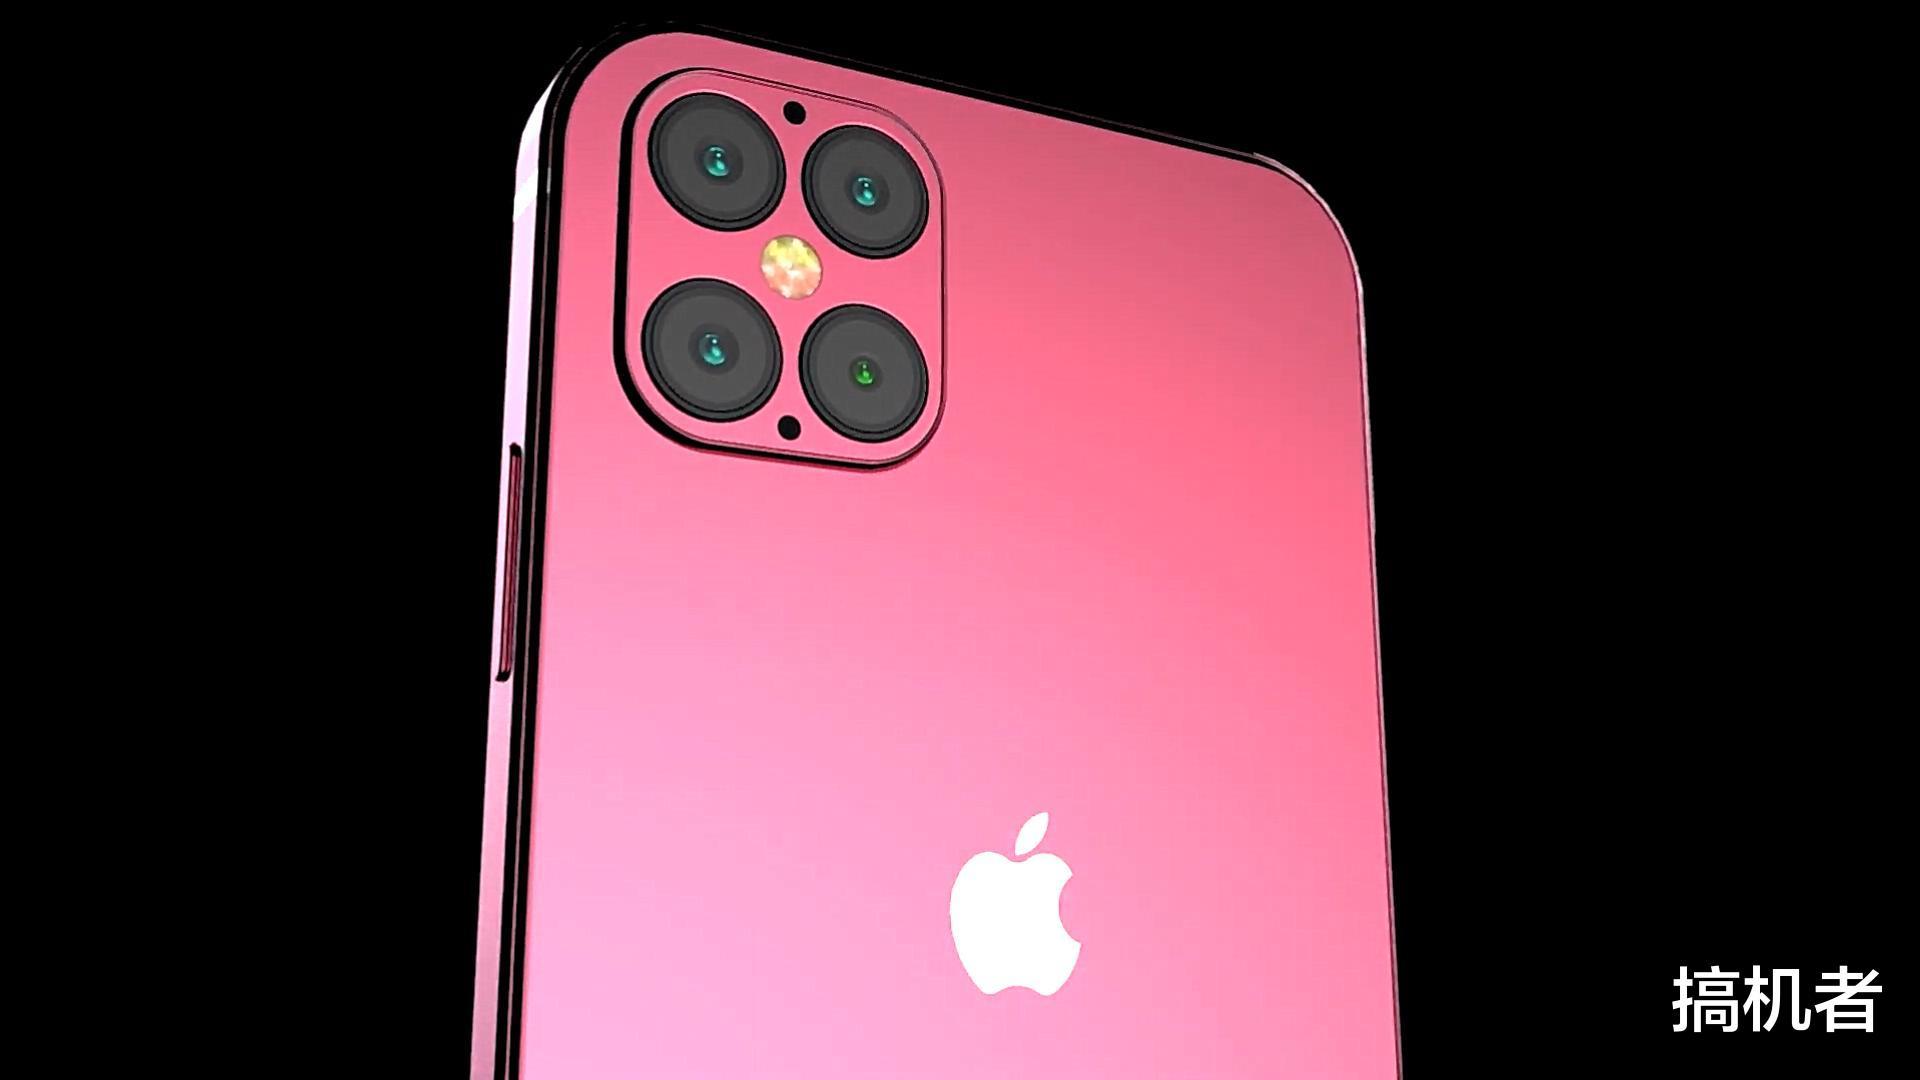 苹果首次为iPhone12Pro新增雷达激光扫描仪配1200 好物资讯 第4张